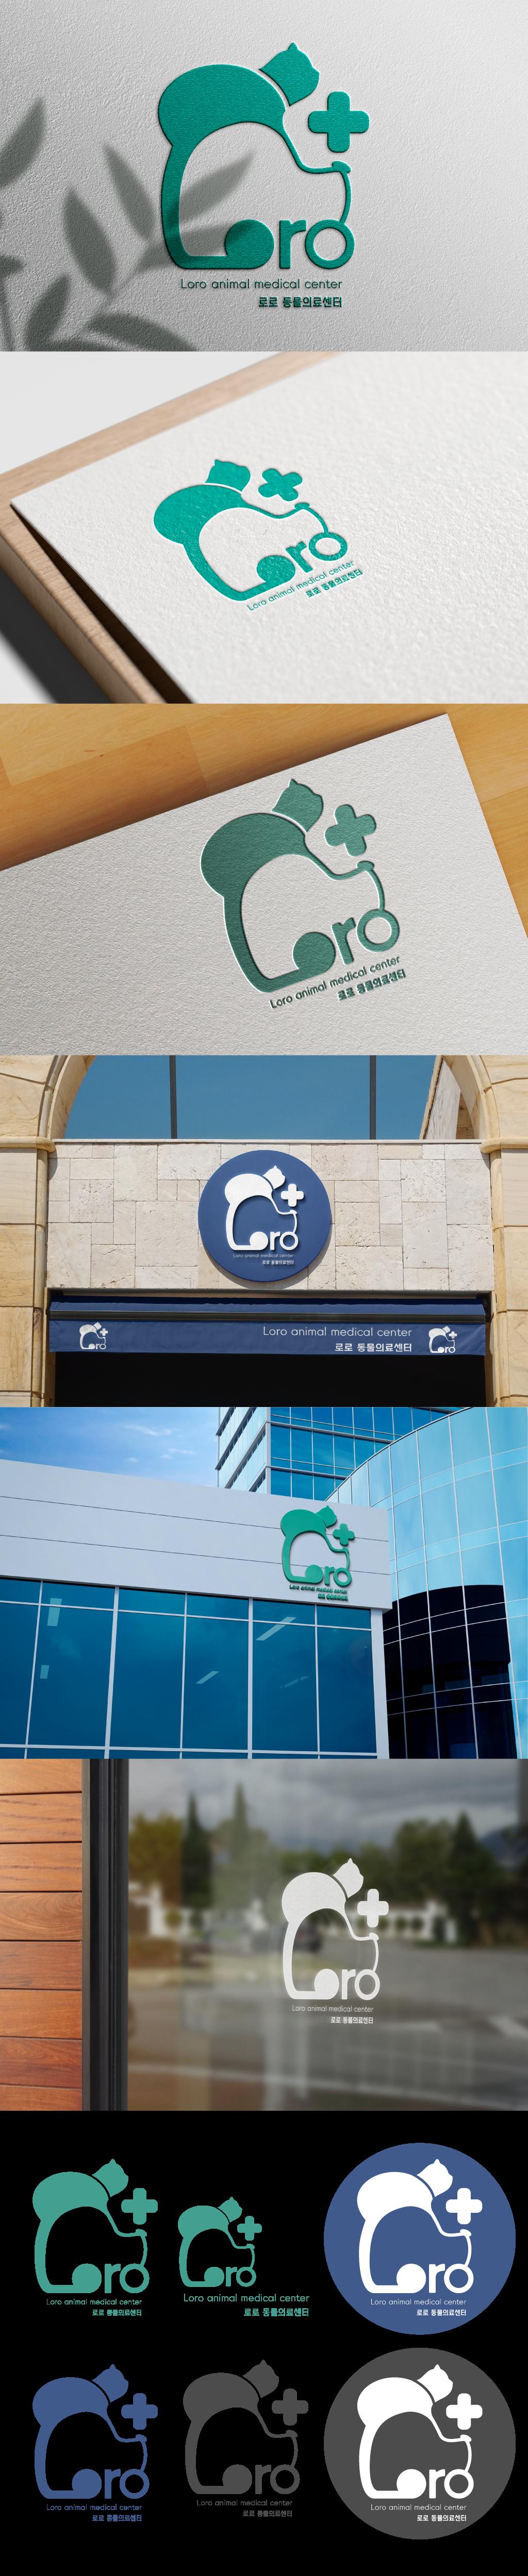 로고+간판 디자인 | 동물병원 로고 및 간판 디자인 의뢰 | 라우드소싱 포트폴리오